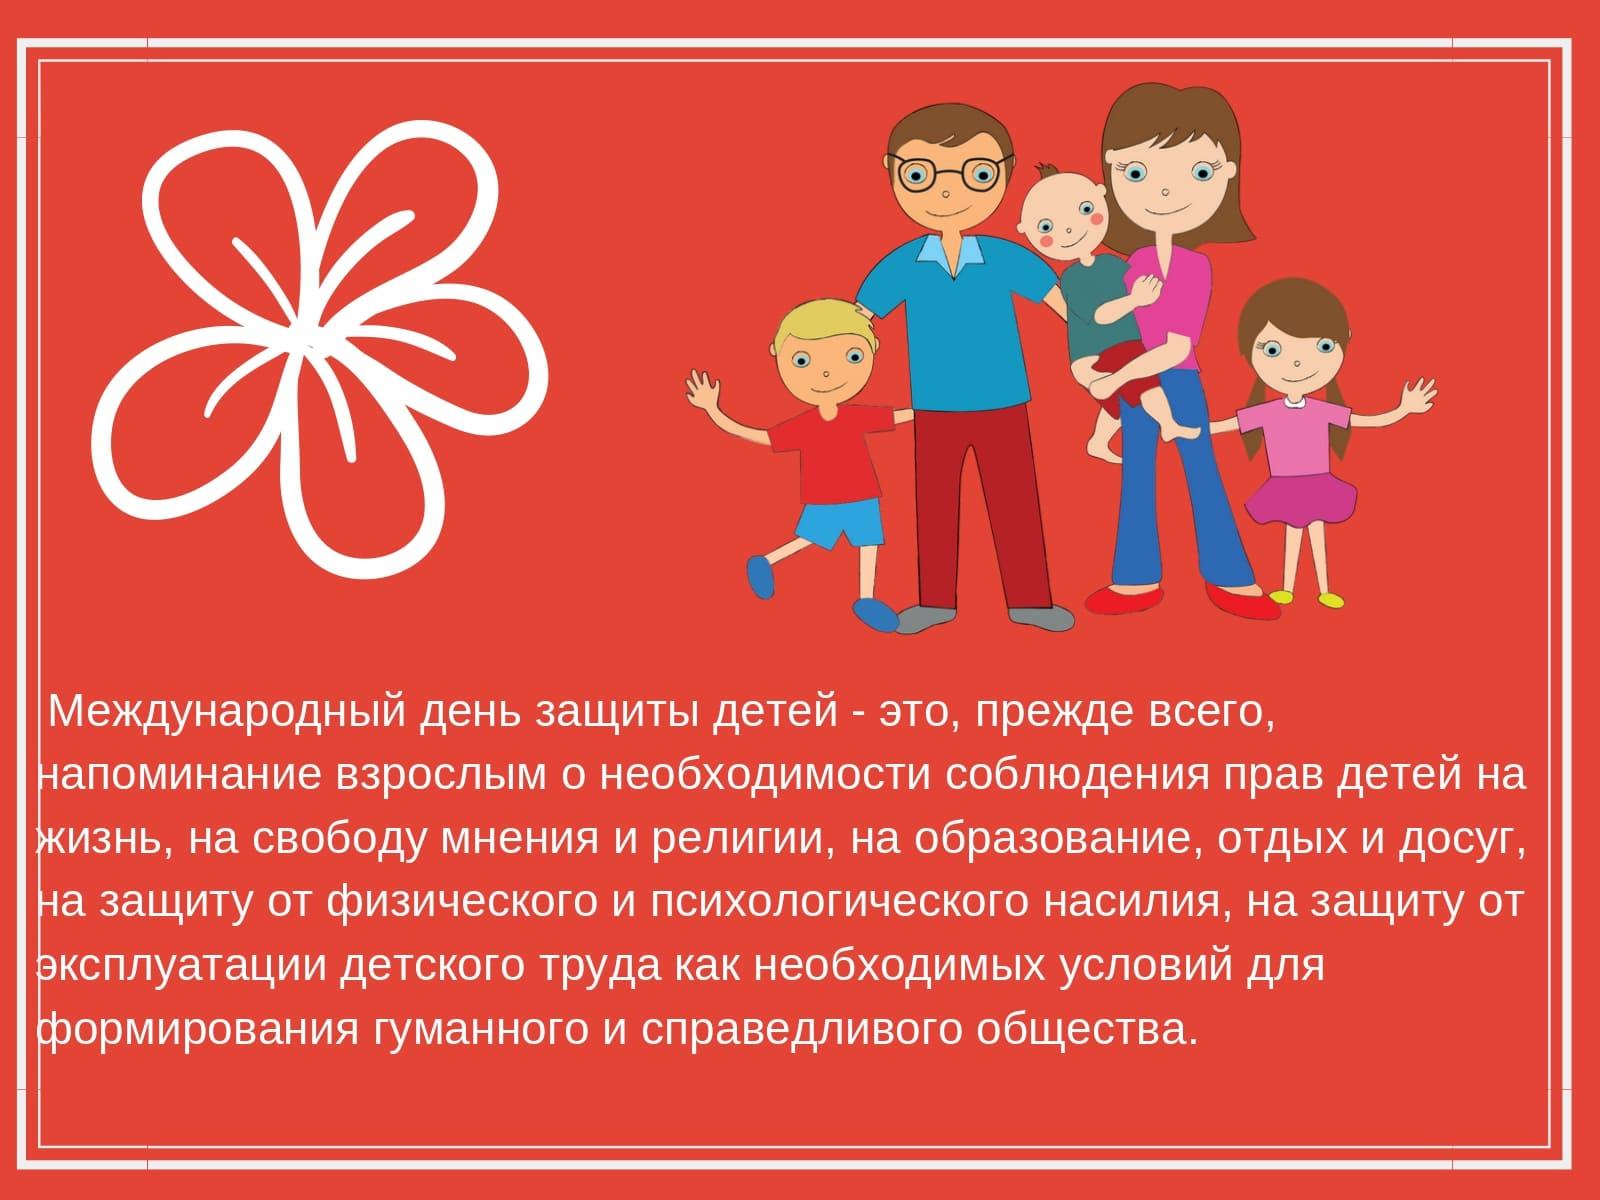 Международный день защиты детей - это